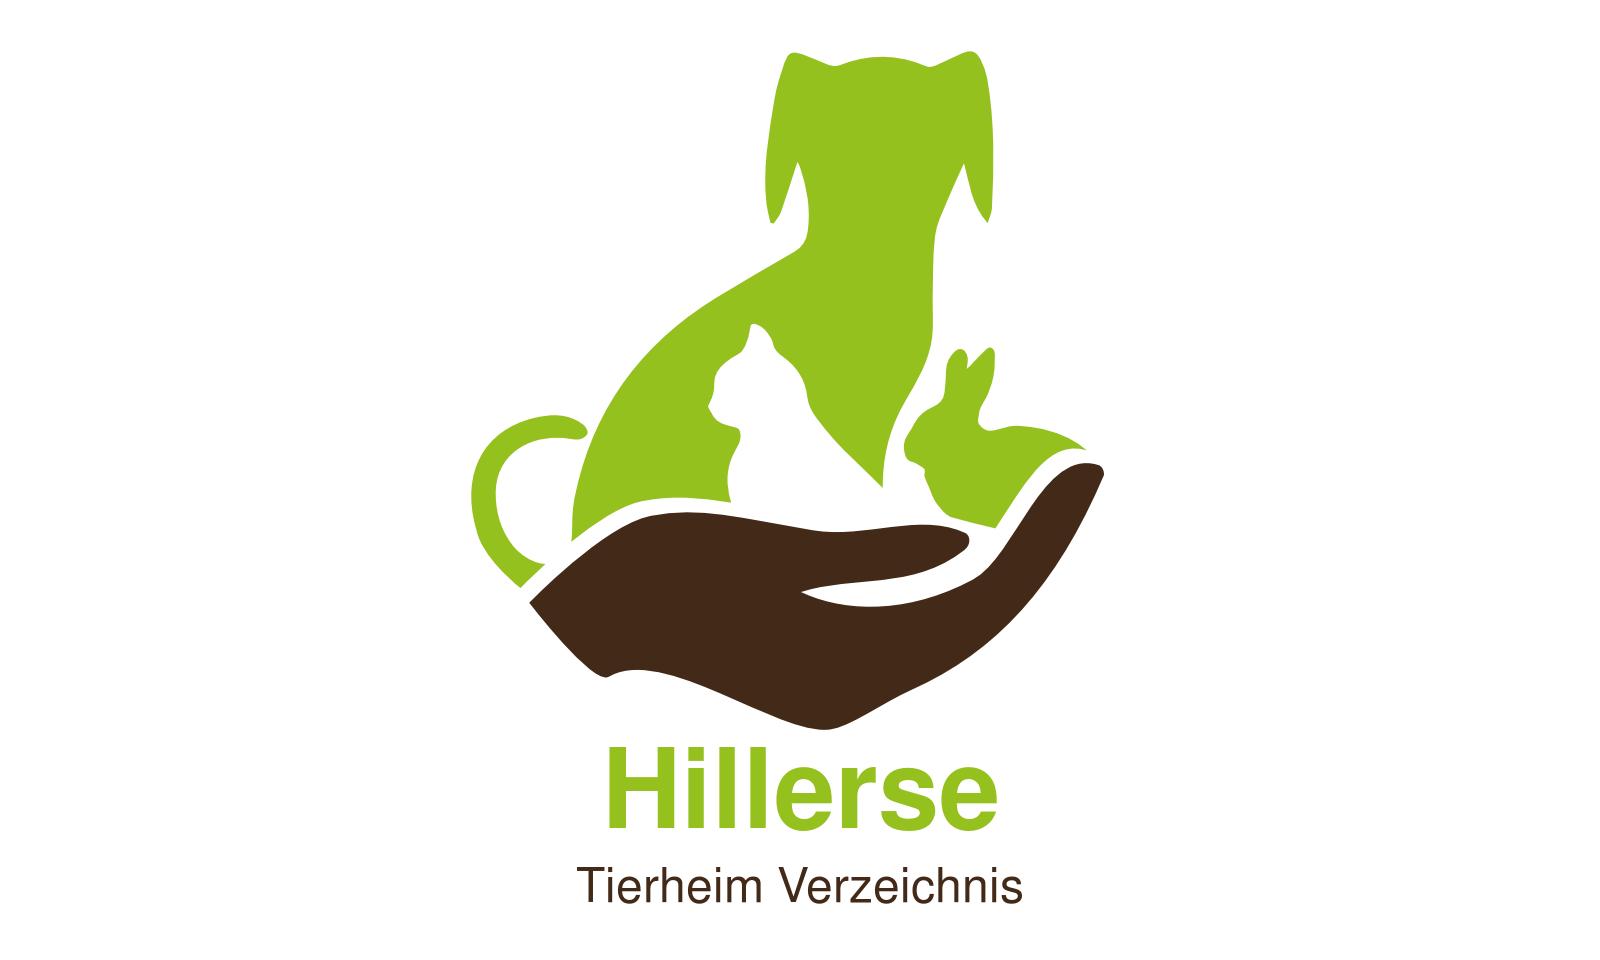 Tierheim Hillerse